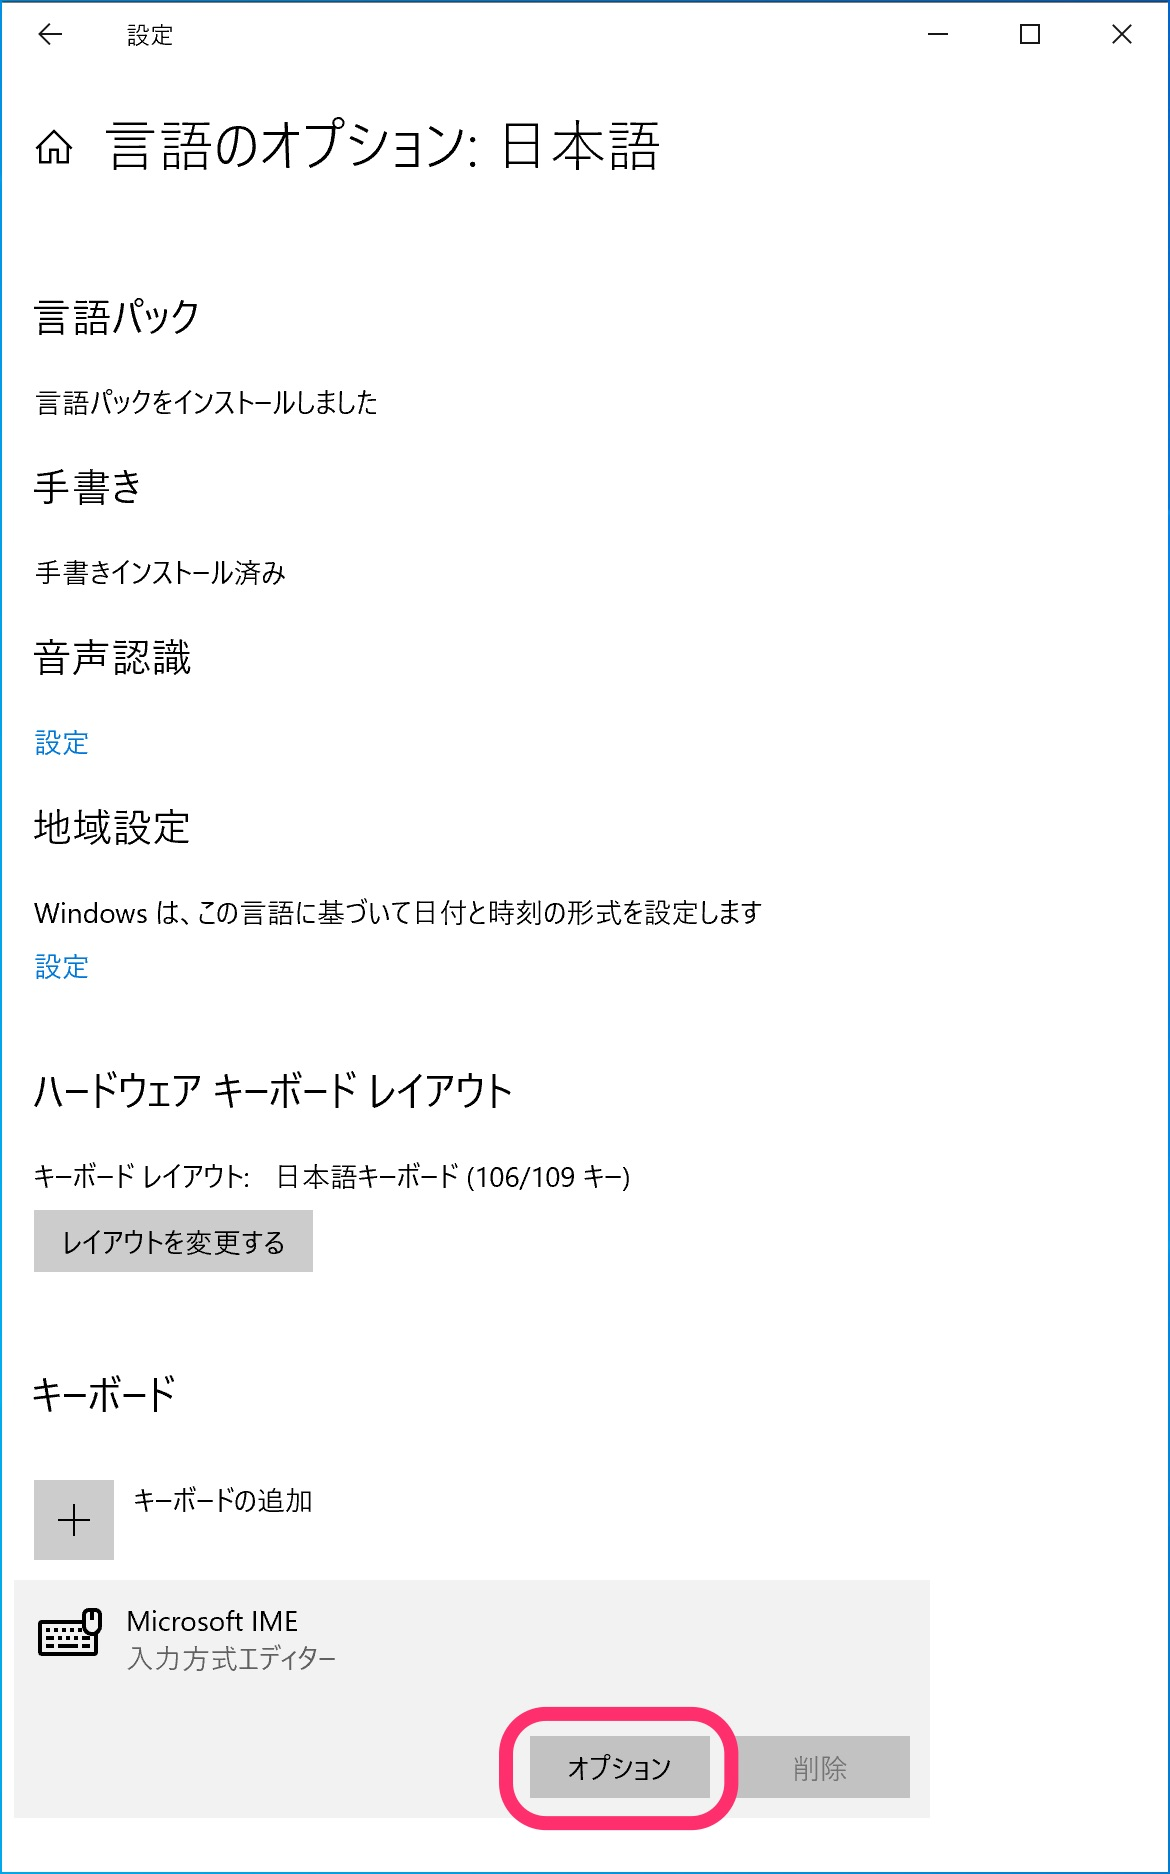 言語のオプション:日本語